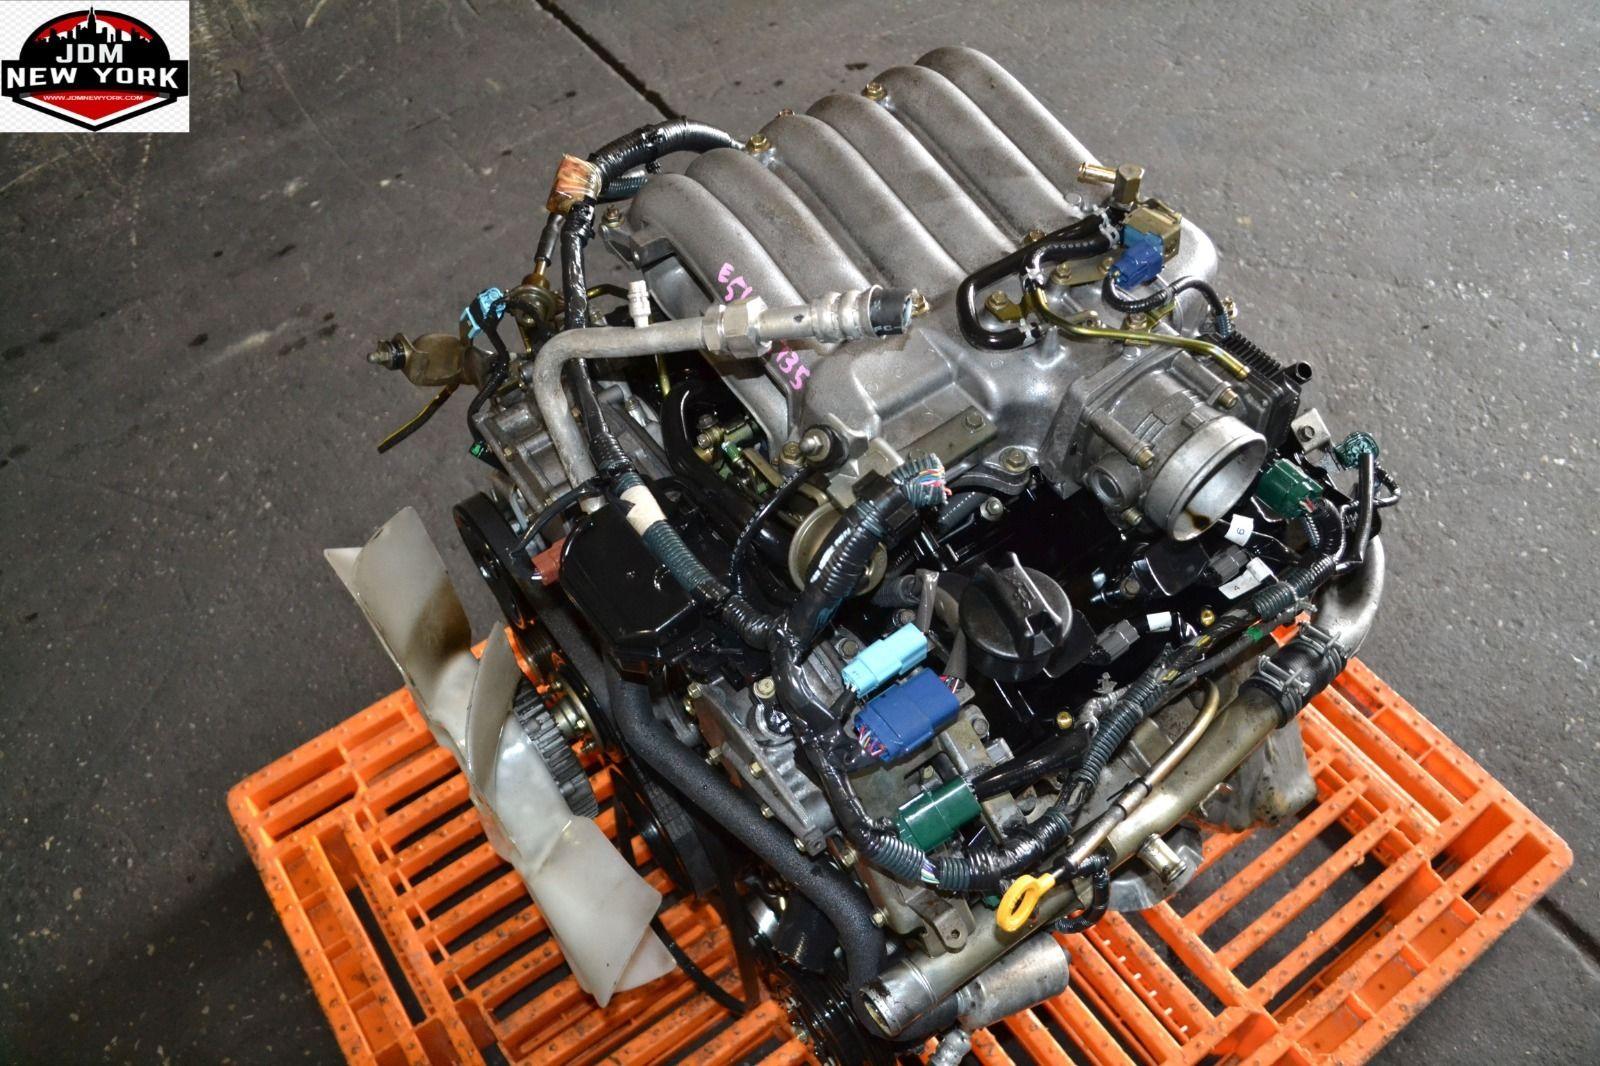 2001 2004 nissan pathfinder 3 5l v6 engine jdm vq35de jdm new york 2001 2004 nissan pathfinder 3 5l v6 engine jdm vq35de